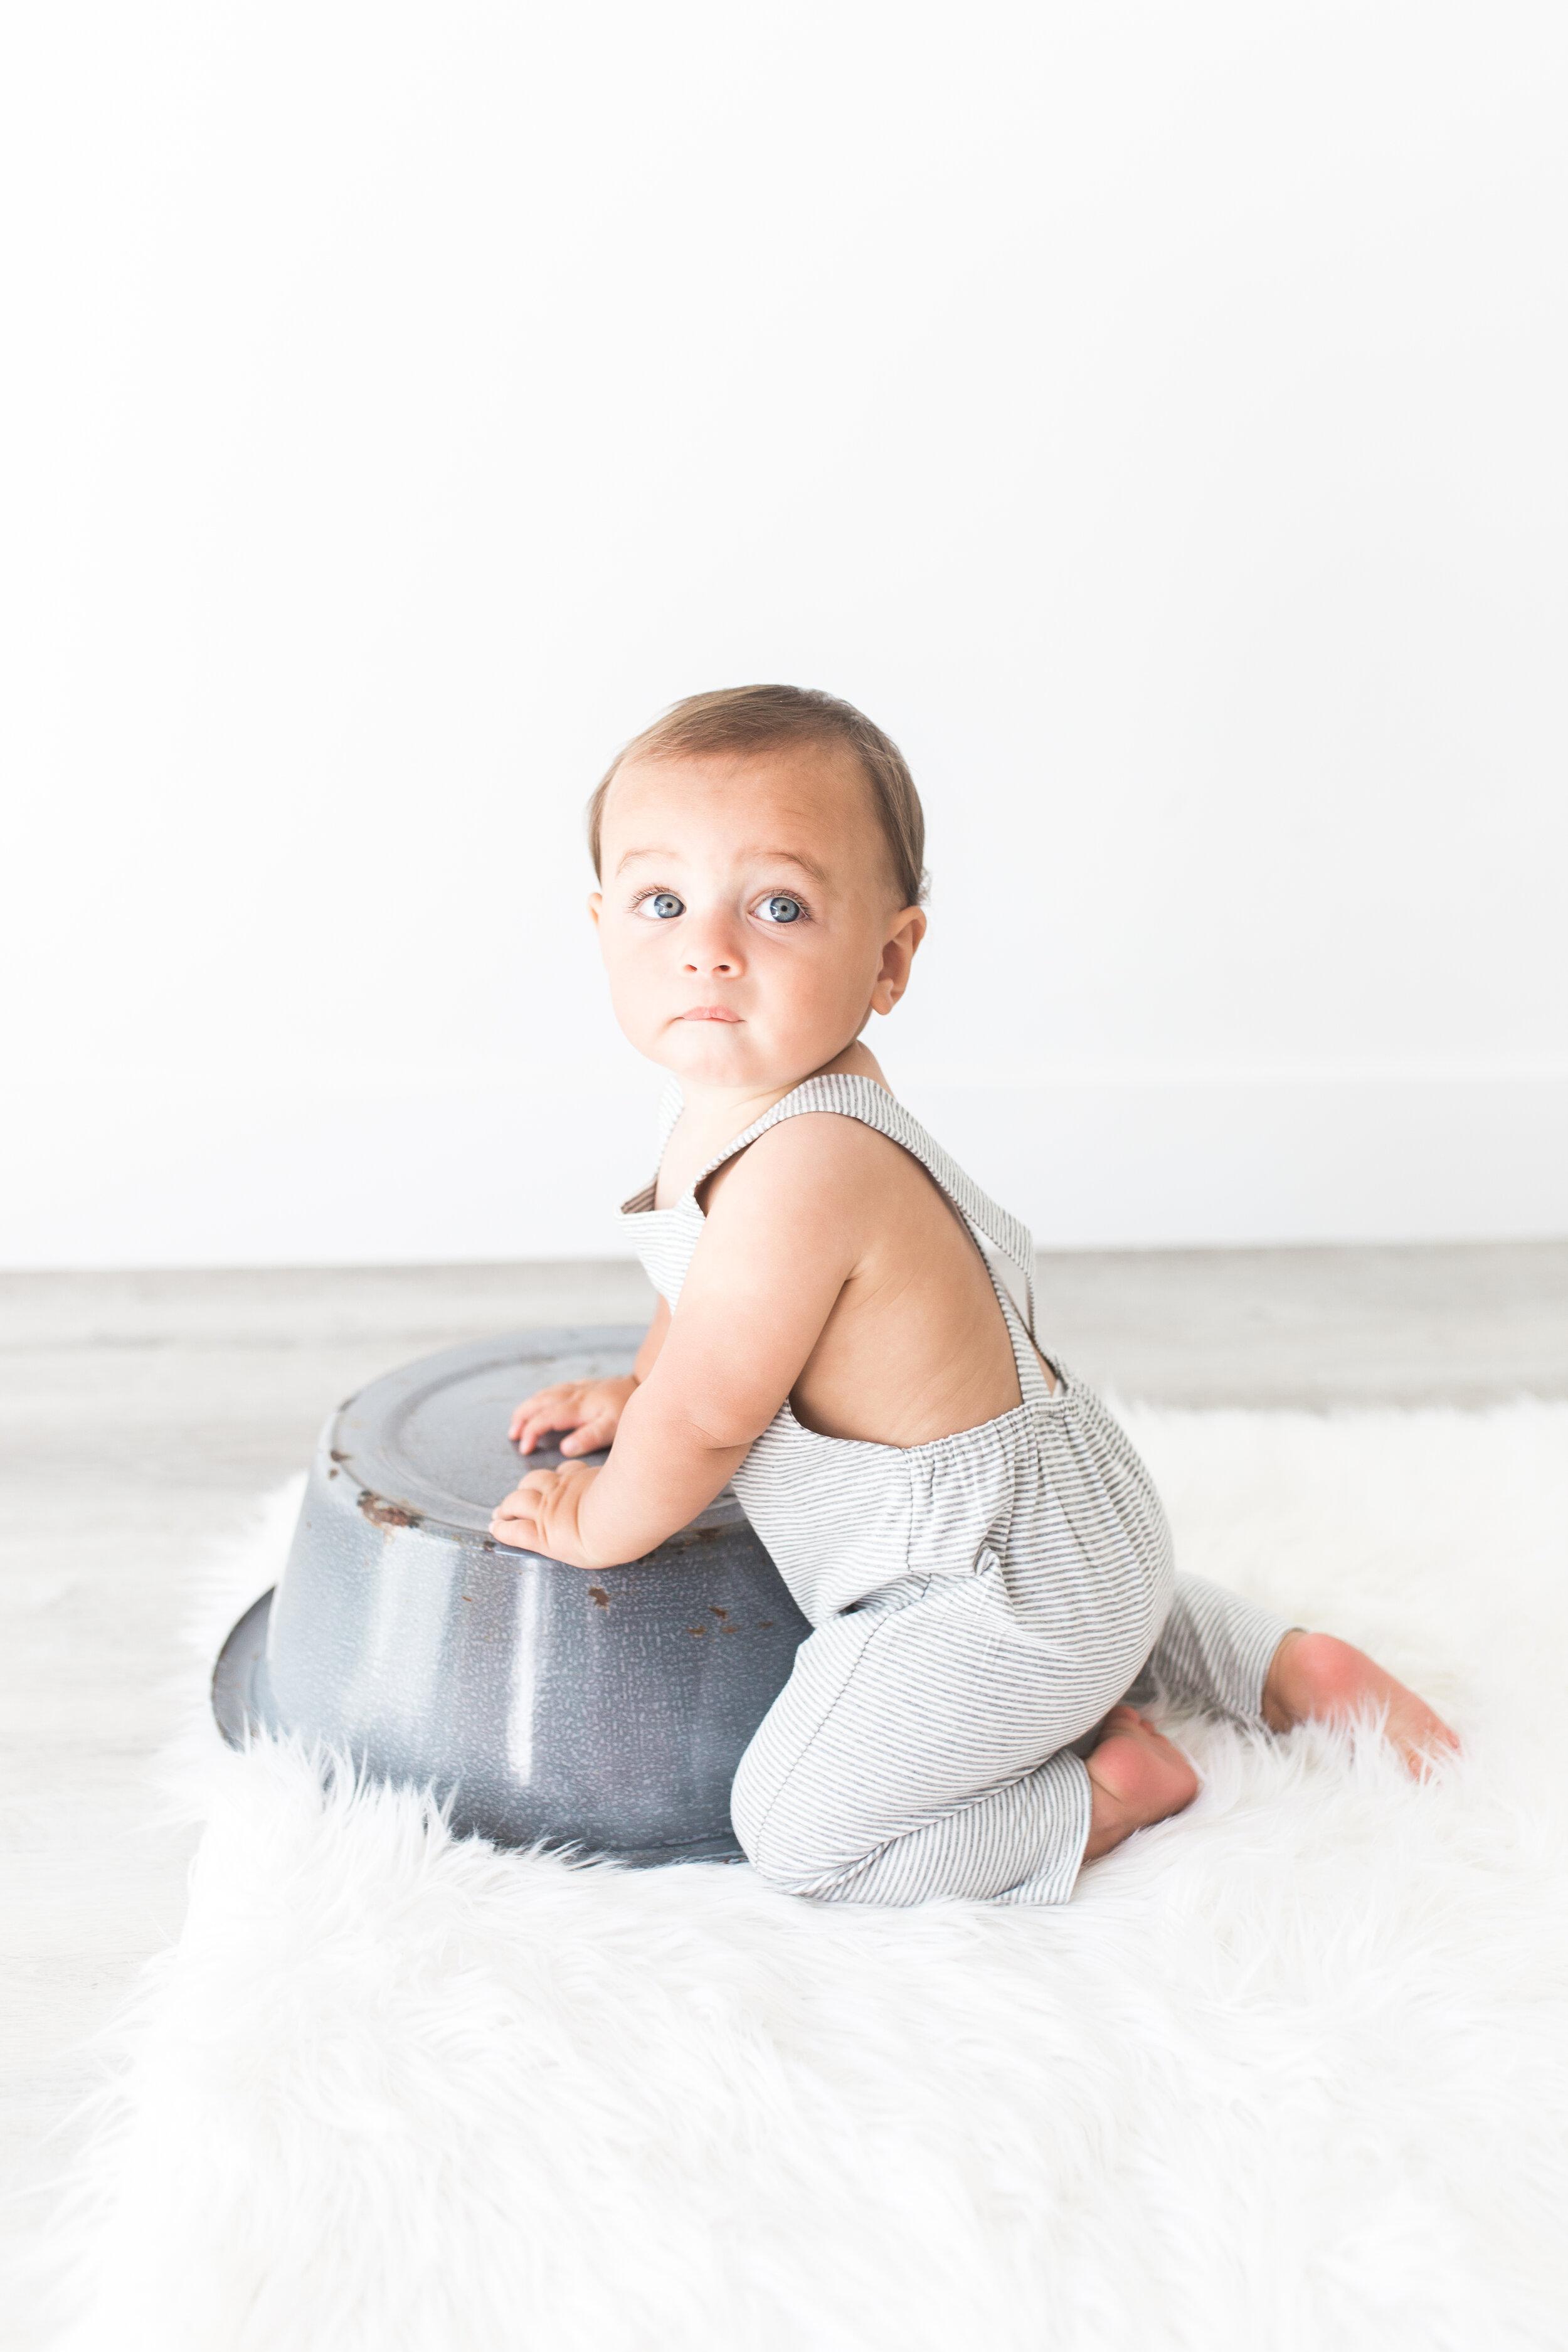 Dana Point Baby Photographer  || Finn is ONE